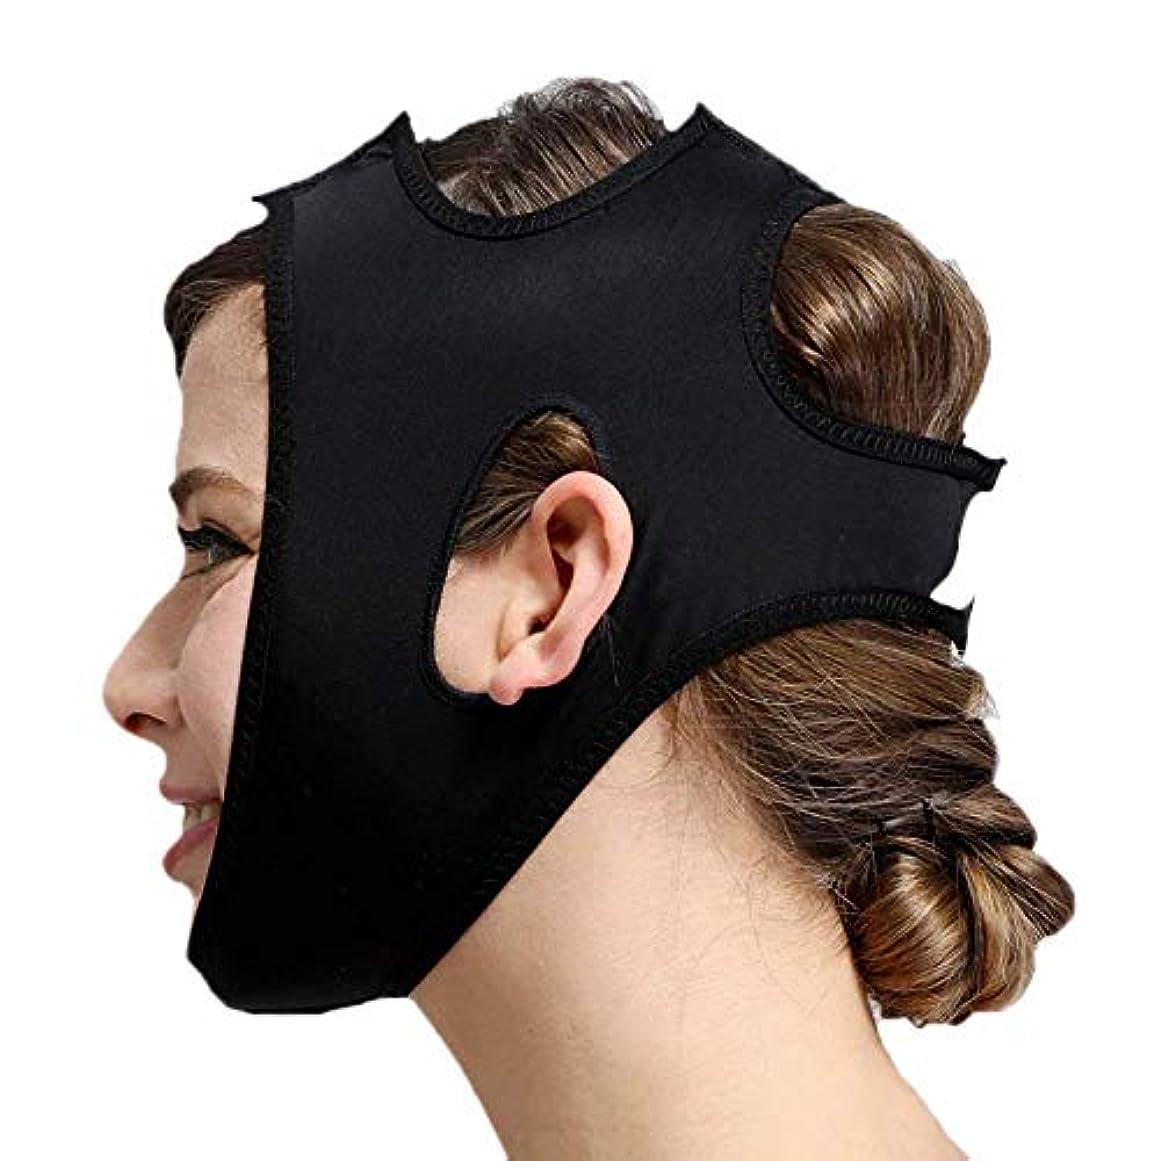 より多いウェーハ二十フェイススリミングマスク、快適さと通気性、フェイシャルリフティング、輪郭の改善された硬さ、ファーミングとリフティングフェイス(カラー:ブラック、サイズ:XL),黒、S